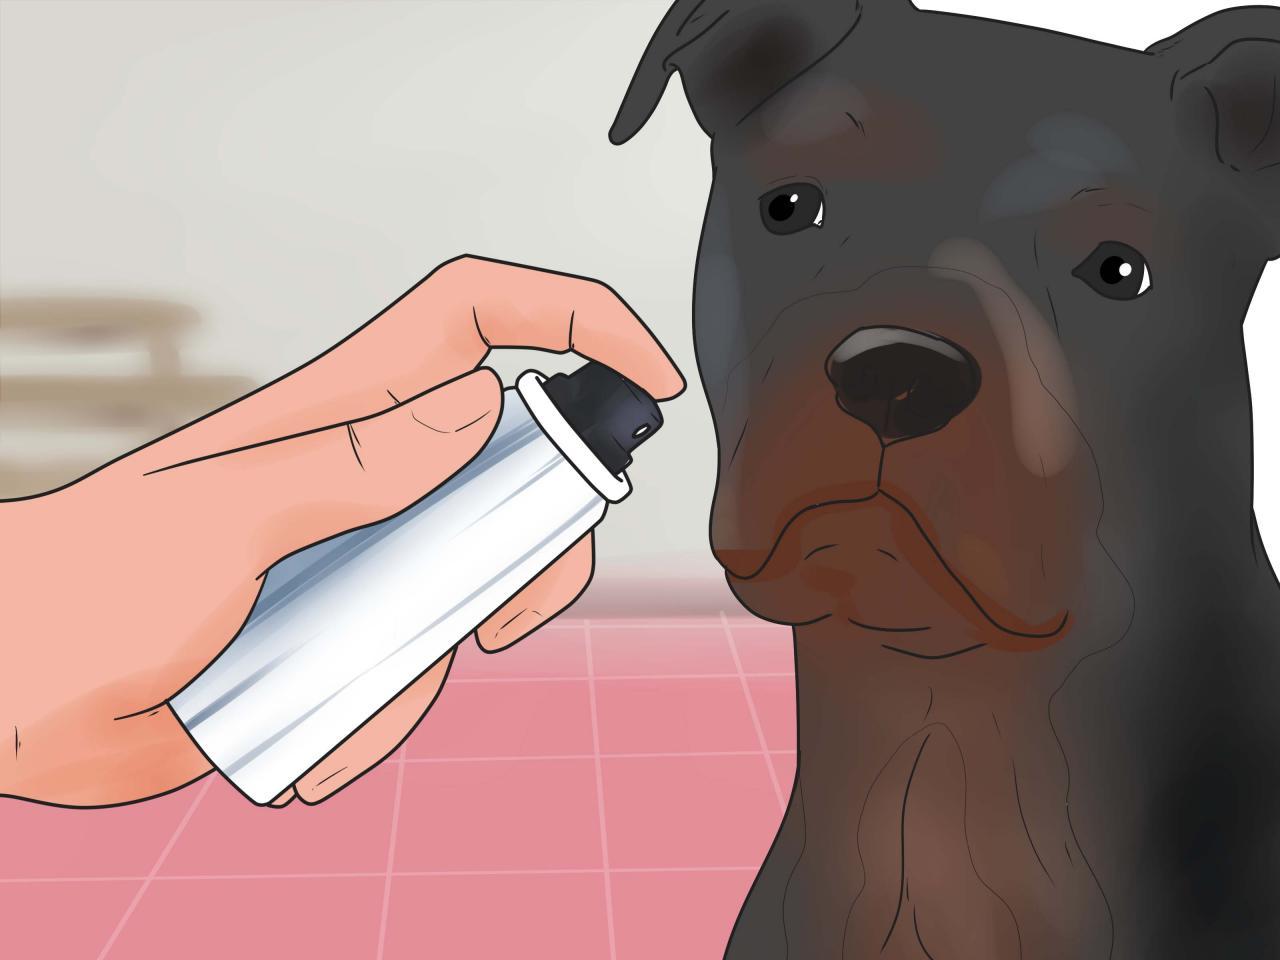 صورة علاج تساقط شعر الكلاب , الحل الوحيد لمكافحة سقوط شعر الكلاب